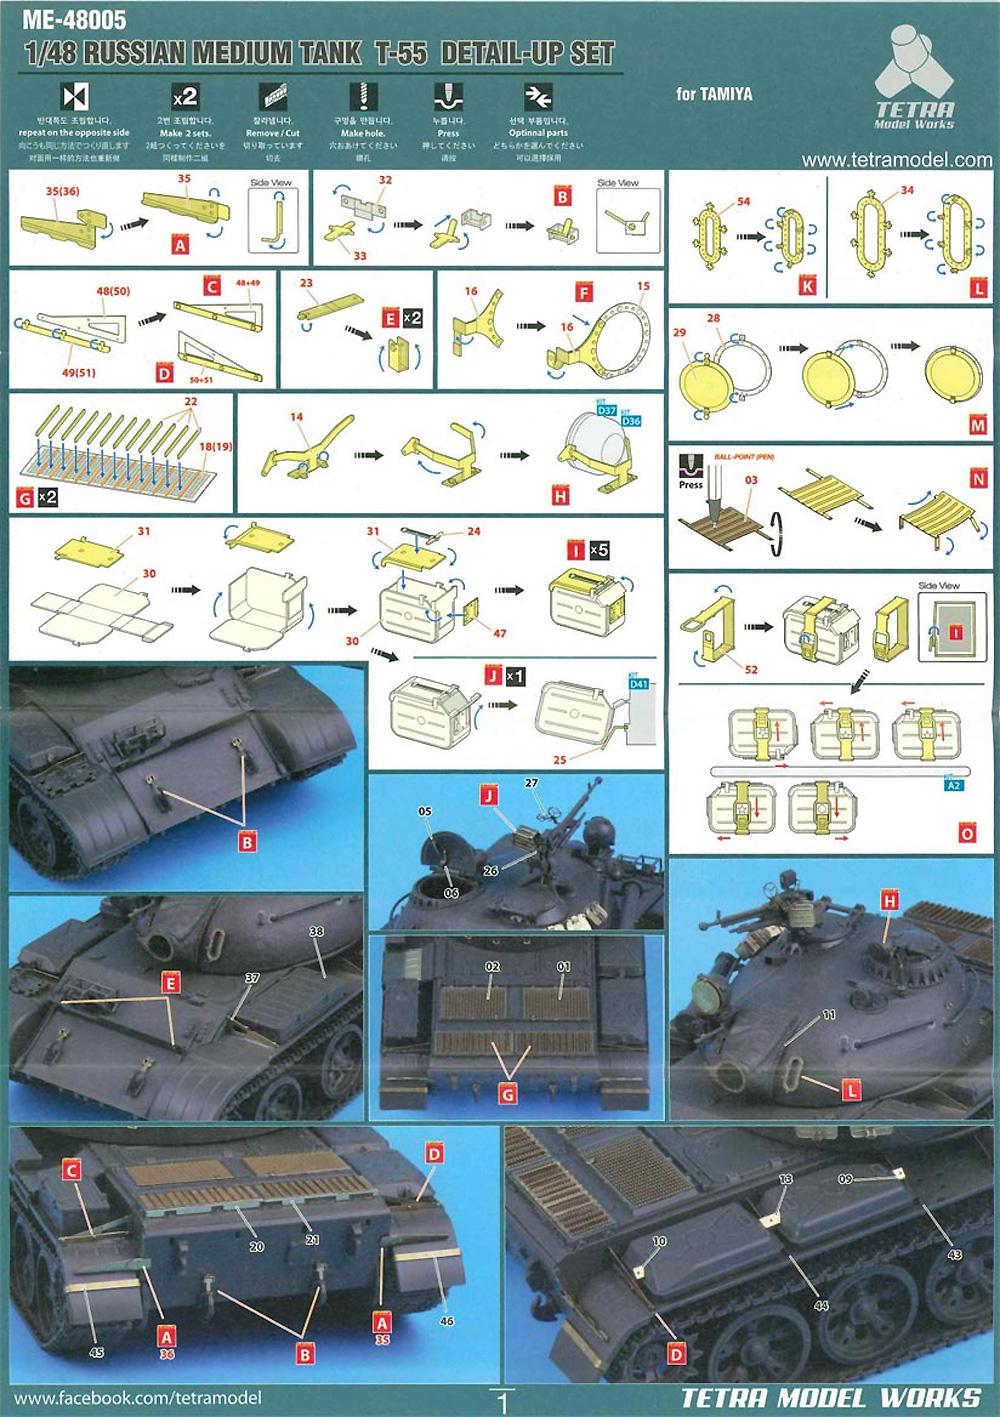 ロシア T-55戦車 ディテールアップ セット (タミヤ用)エッチング(テトラモデルワークスAFV エッチングパーツNo.ME-48005)商品画像_2